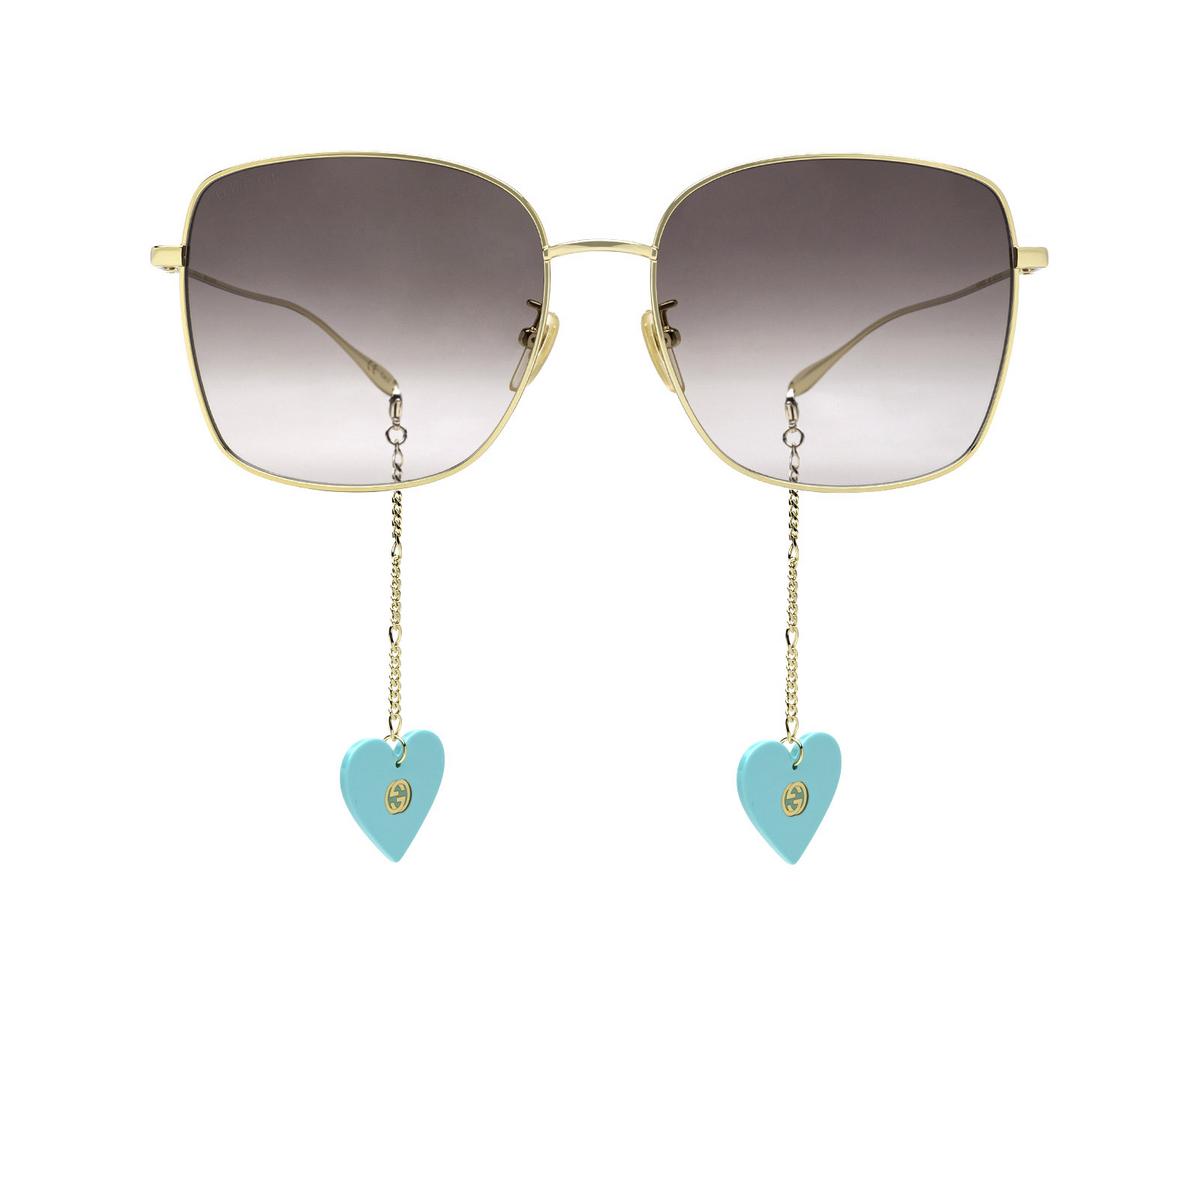 Gucci® Square Sunglasses: GG1030SK color Gold 003 - front view.